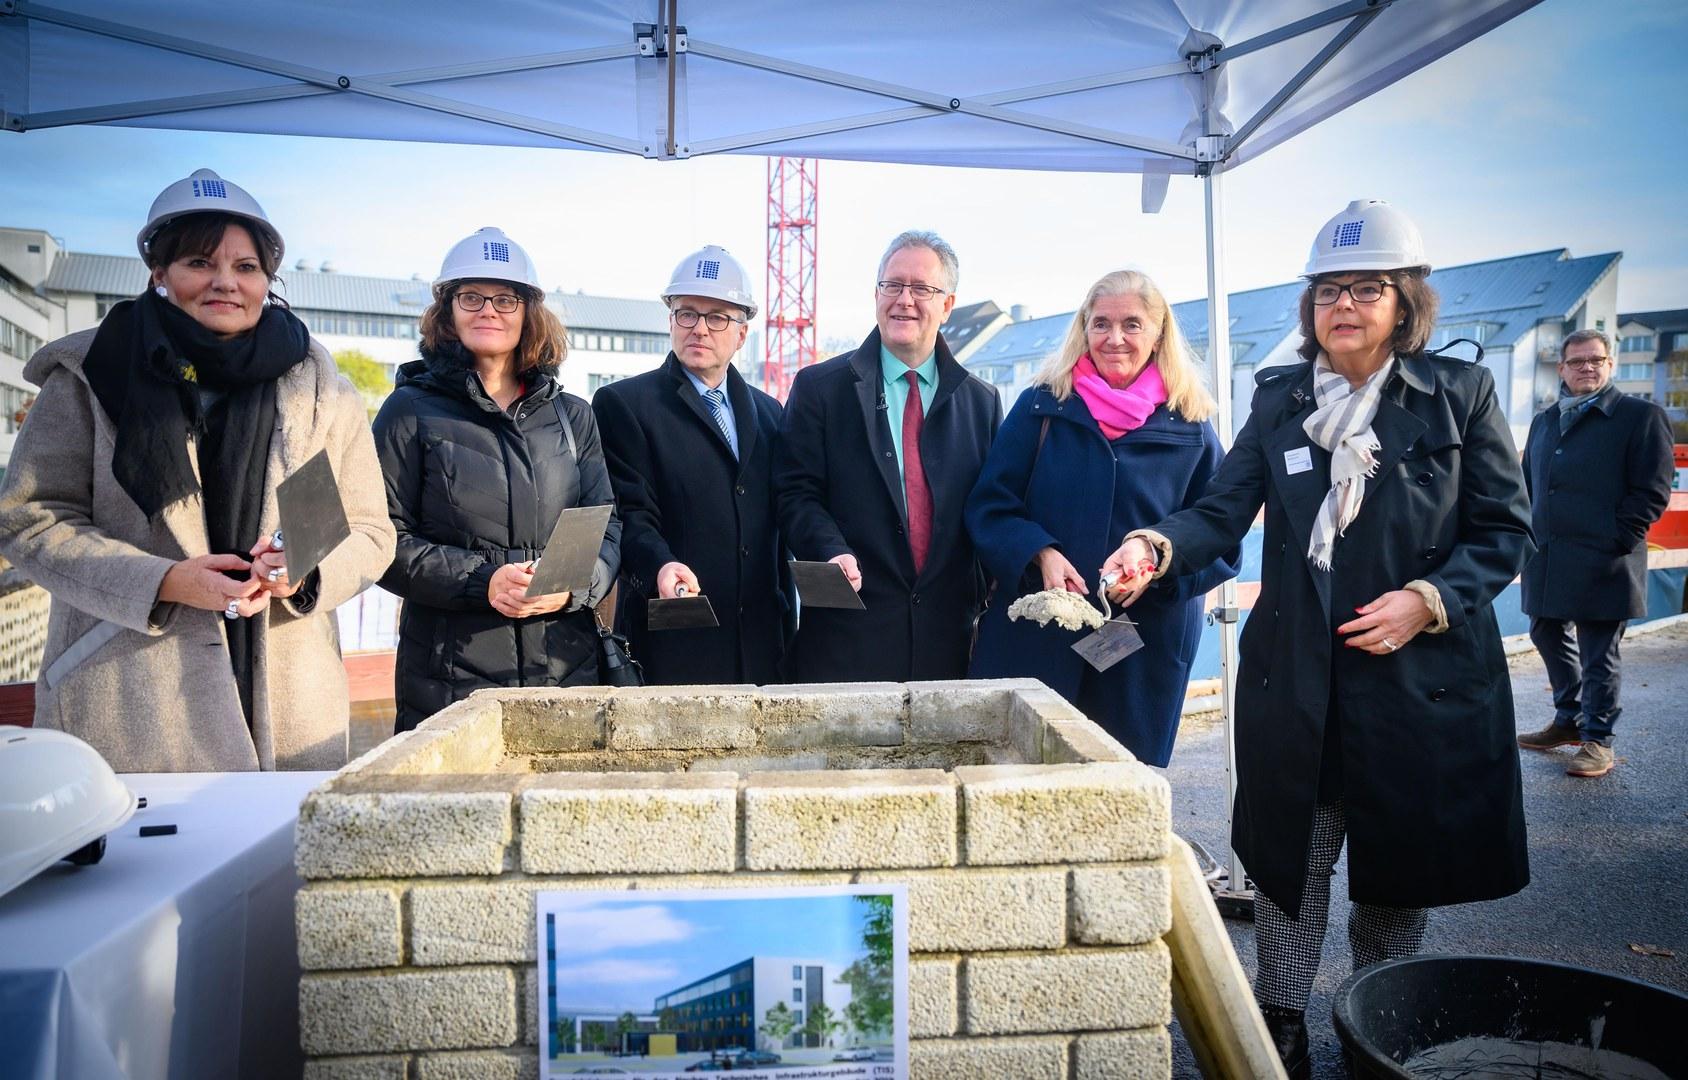 Grundsteinlegung für den Neubau Technisches Infrastrukturgebäude (TIS)